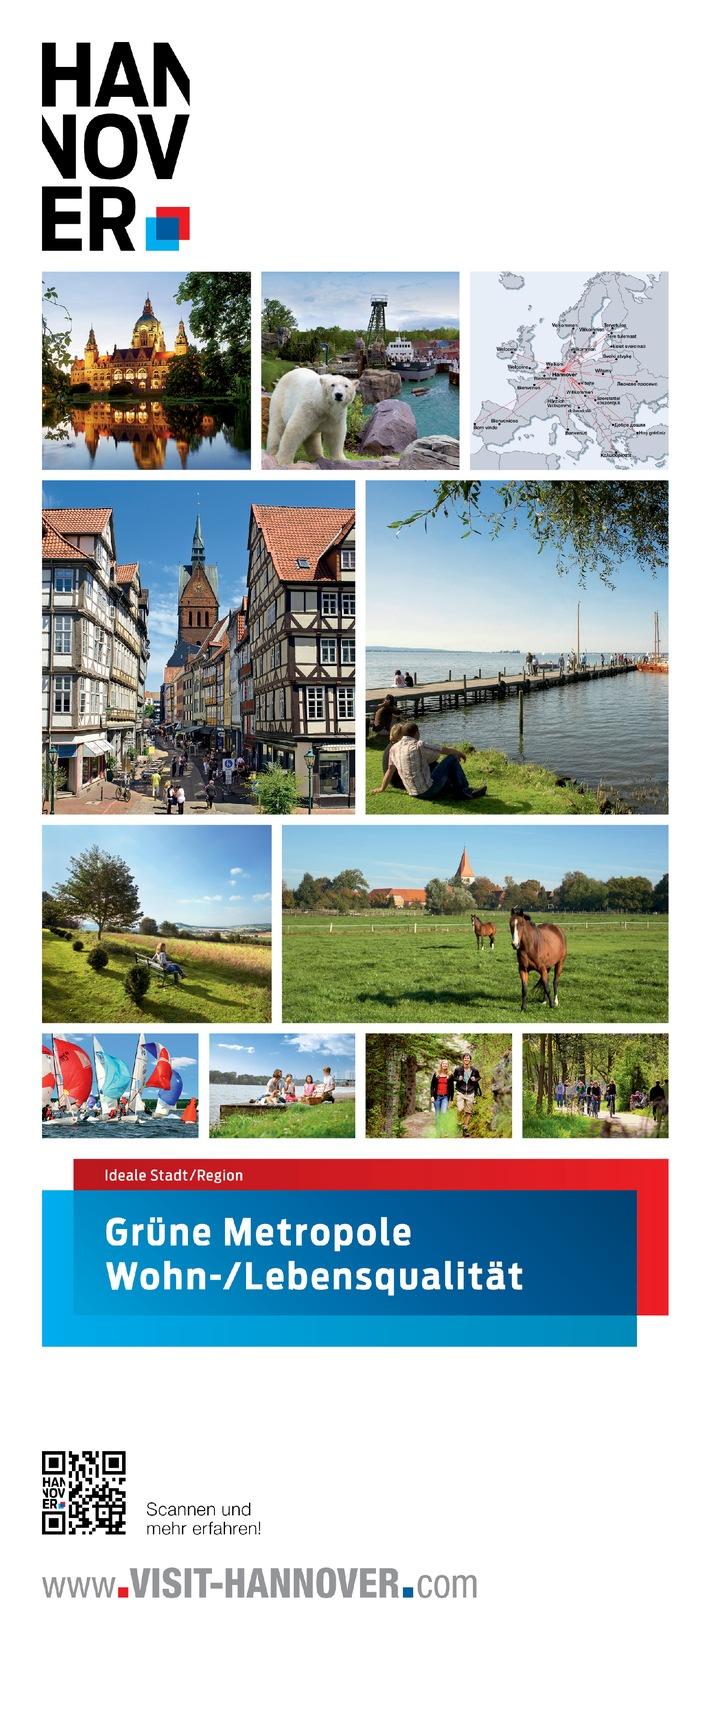 Höchste Lebensqualität in der grünen Metropole Hannover